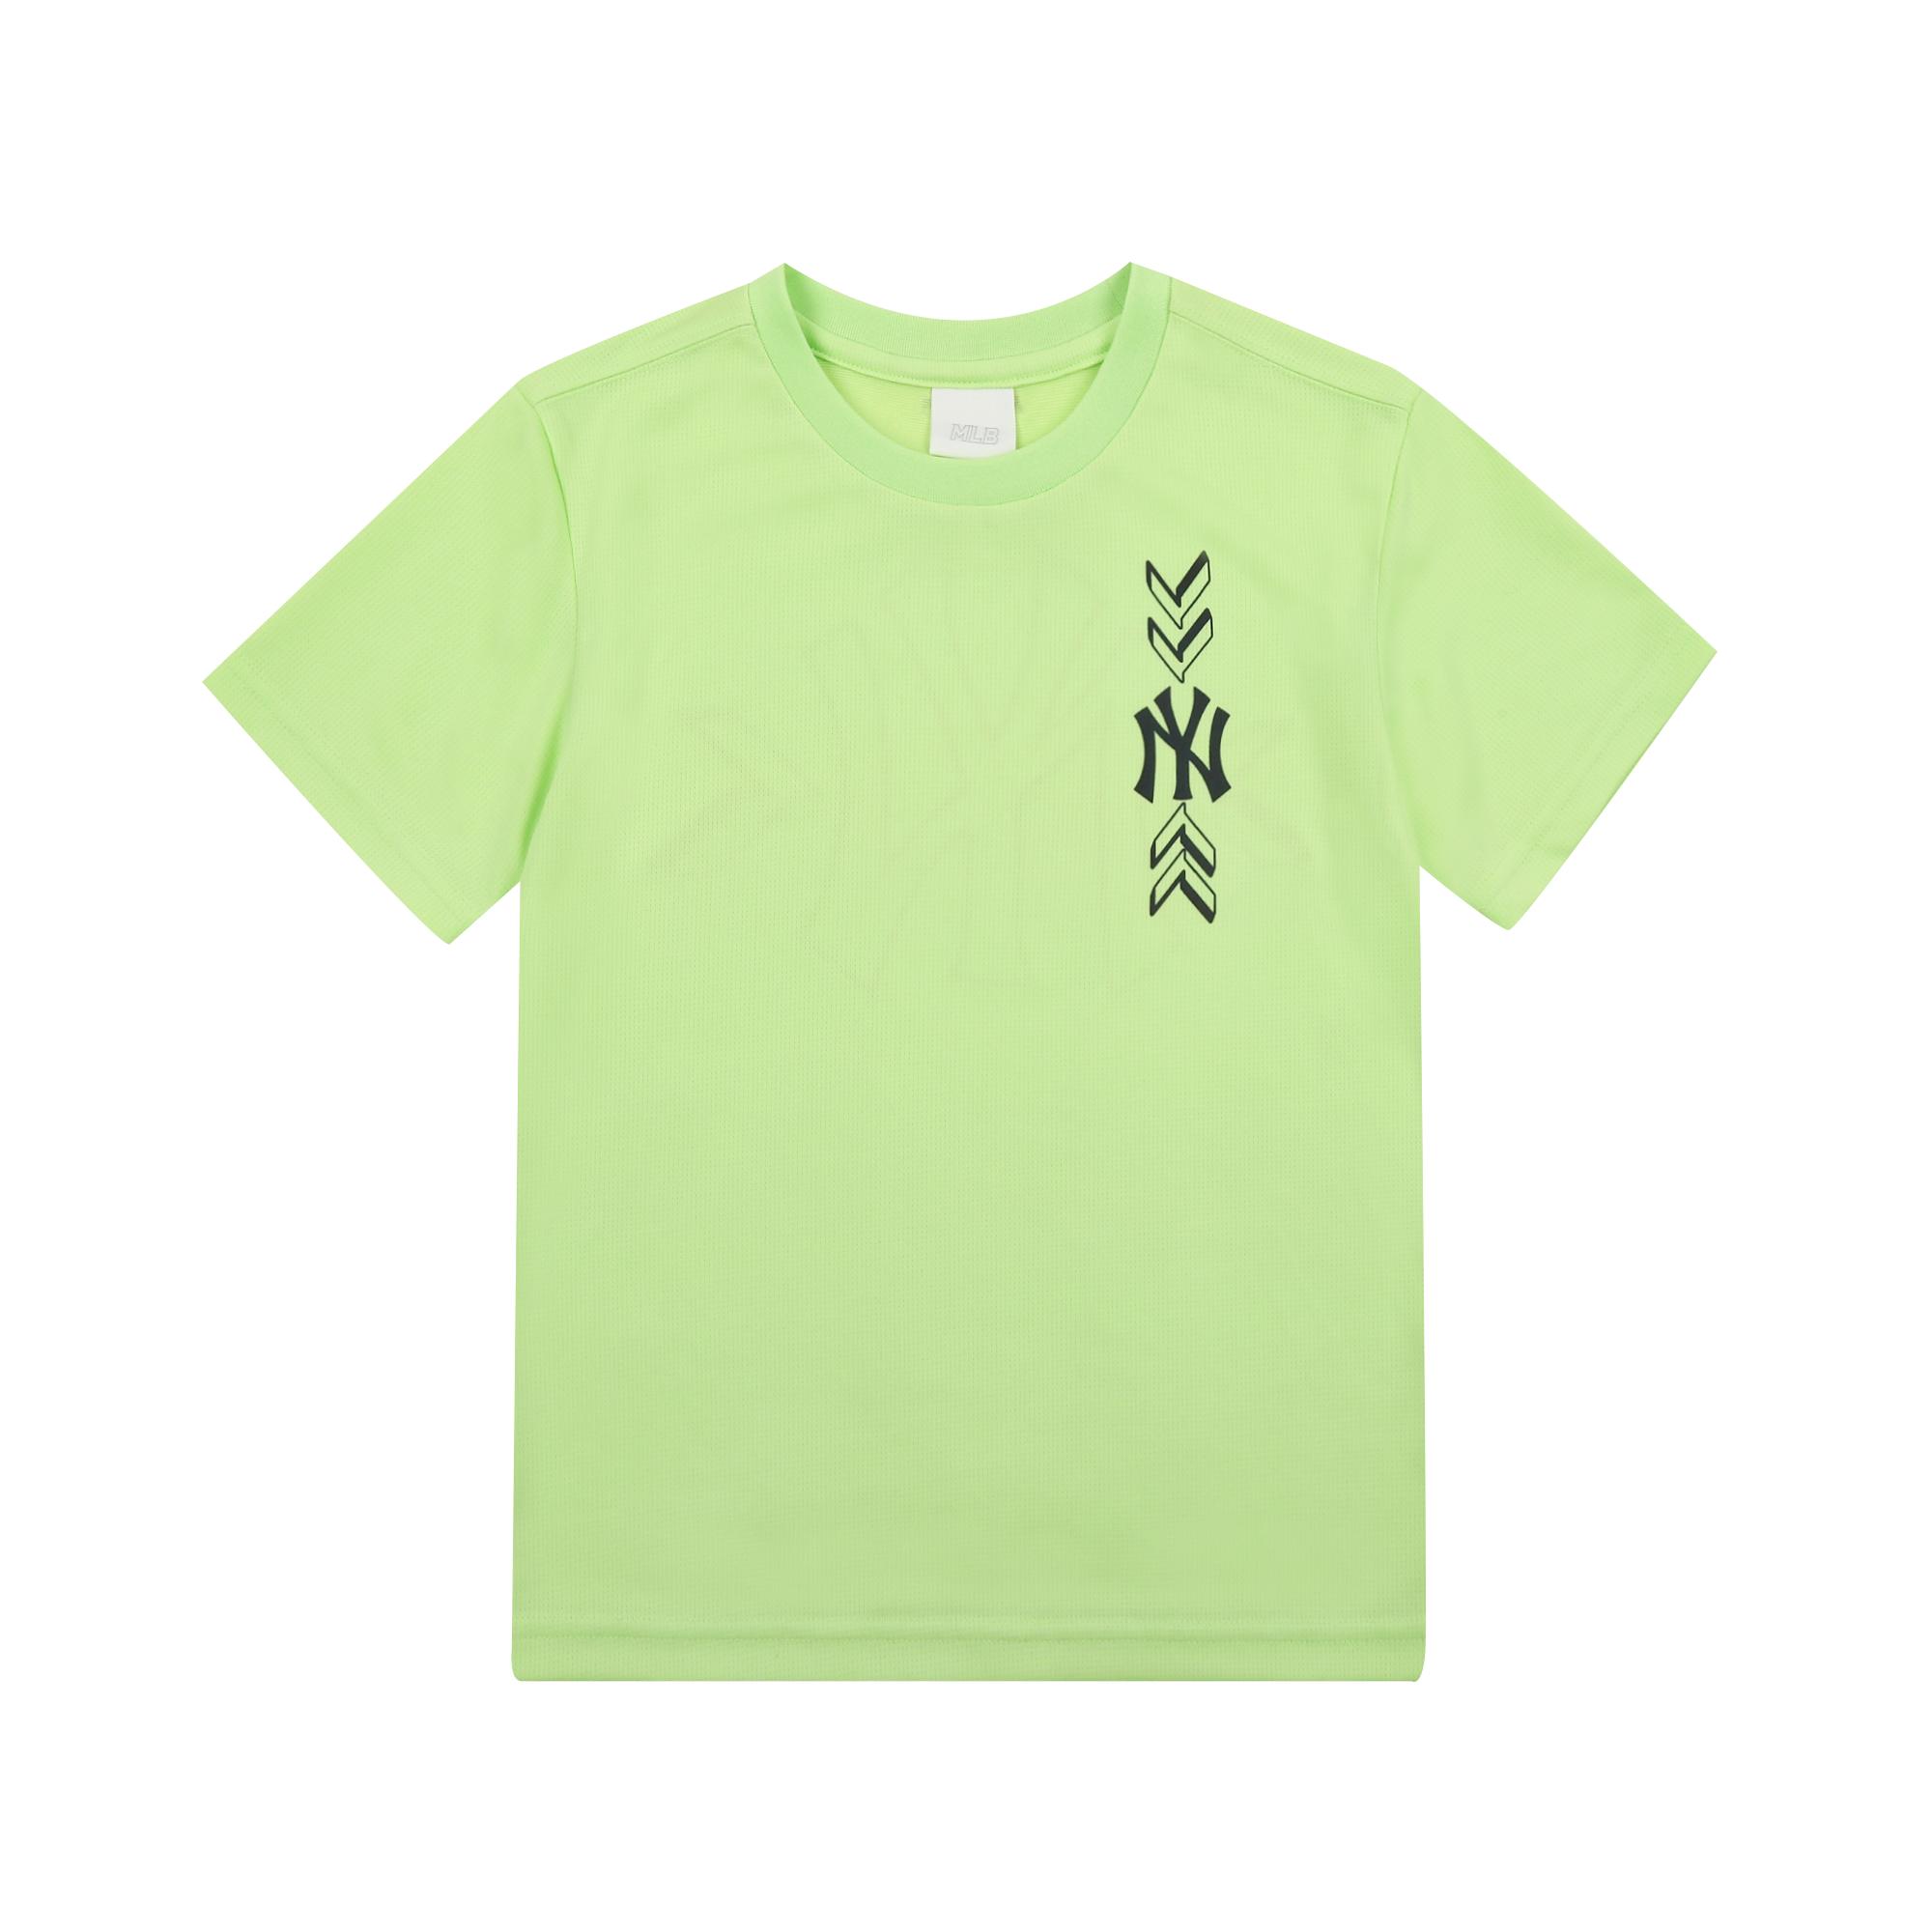 SEAM BALL 레인보우 기능성 티셔츠 뉴욕양키스